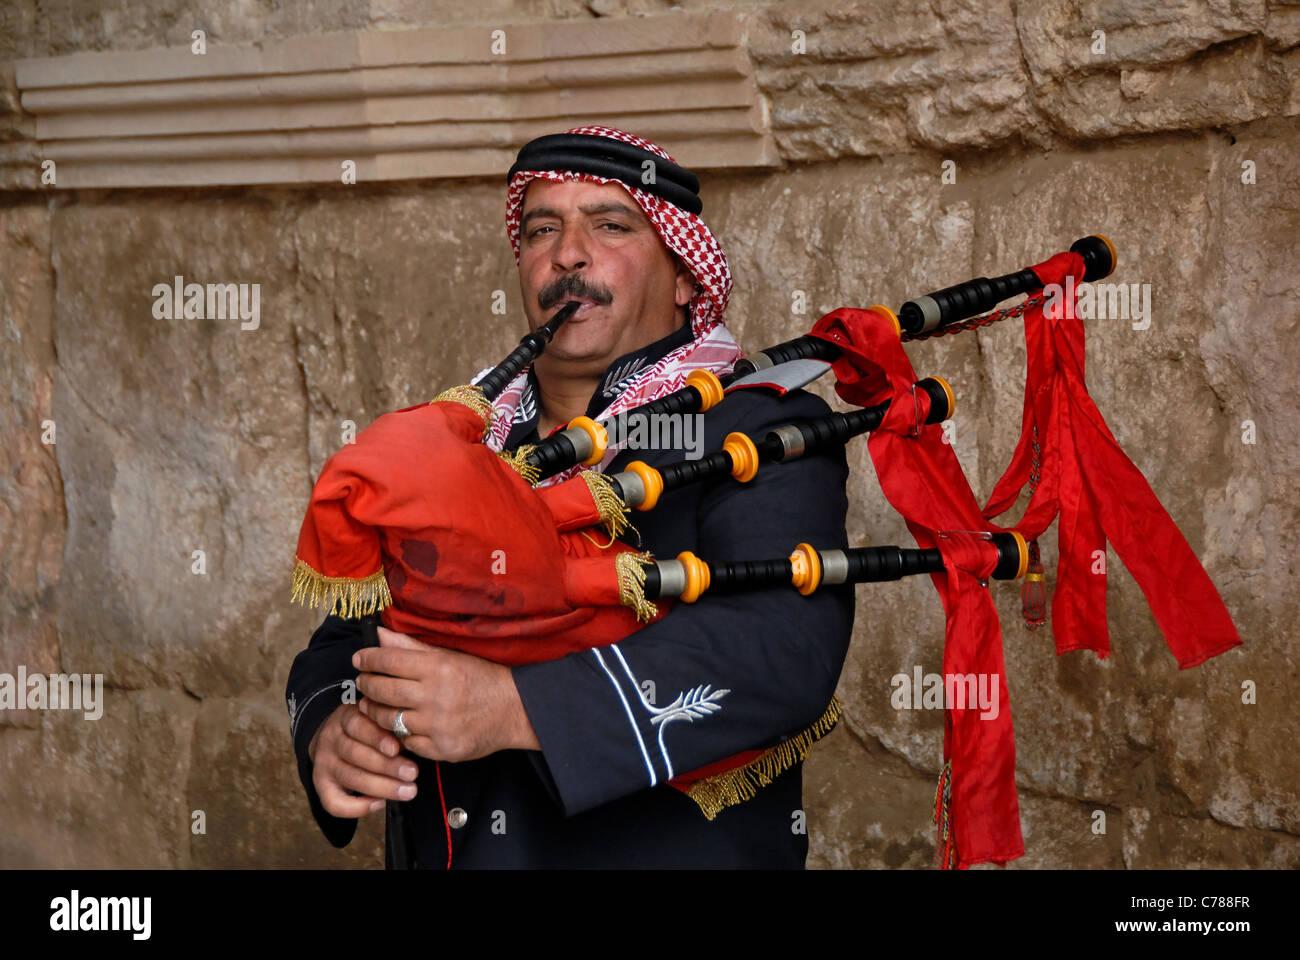 Jordanische Dudelsackspieler mit einem roten Dudelsack gegen eine Wand. Stockfoto